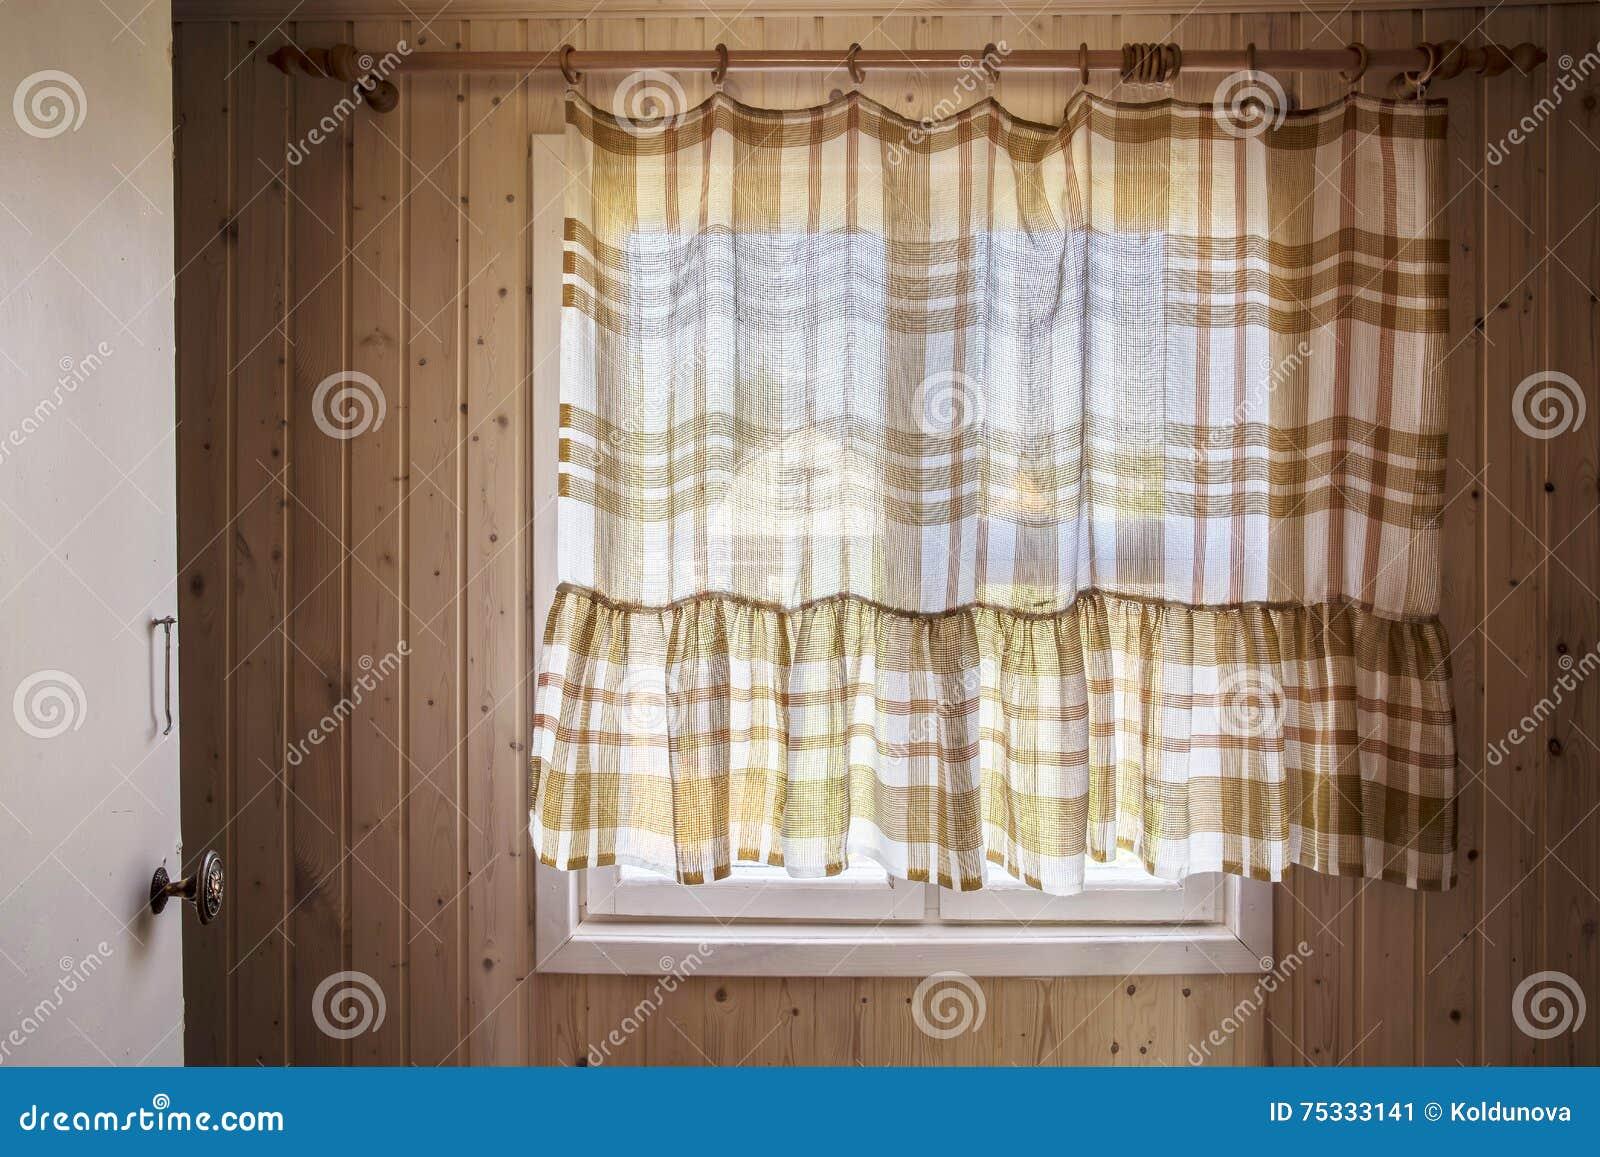 Finestra rustica dall 39 interno della casa chiusa dalle tende immagine stock immagine di vivere - Coibentare casa dall interno ...